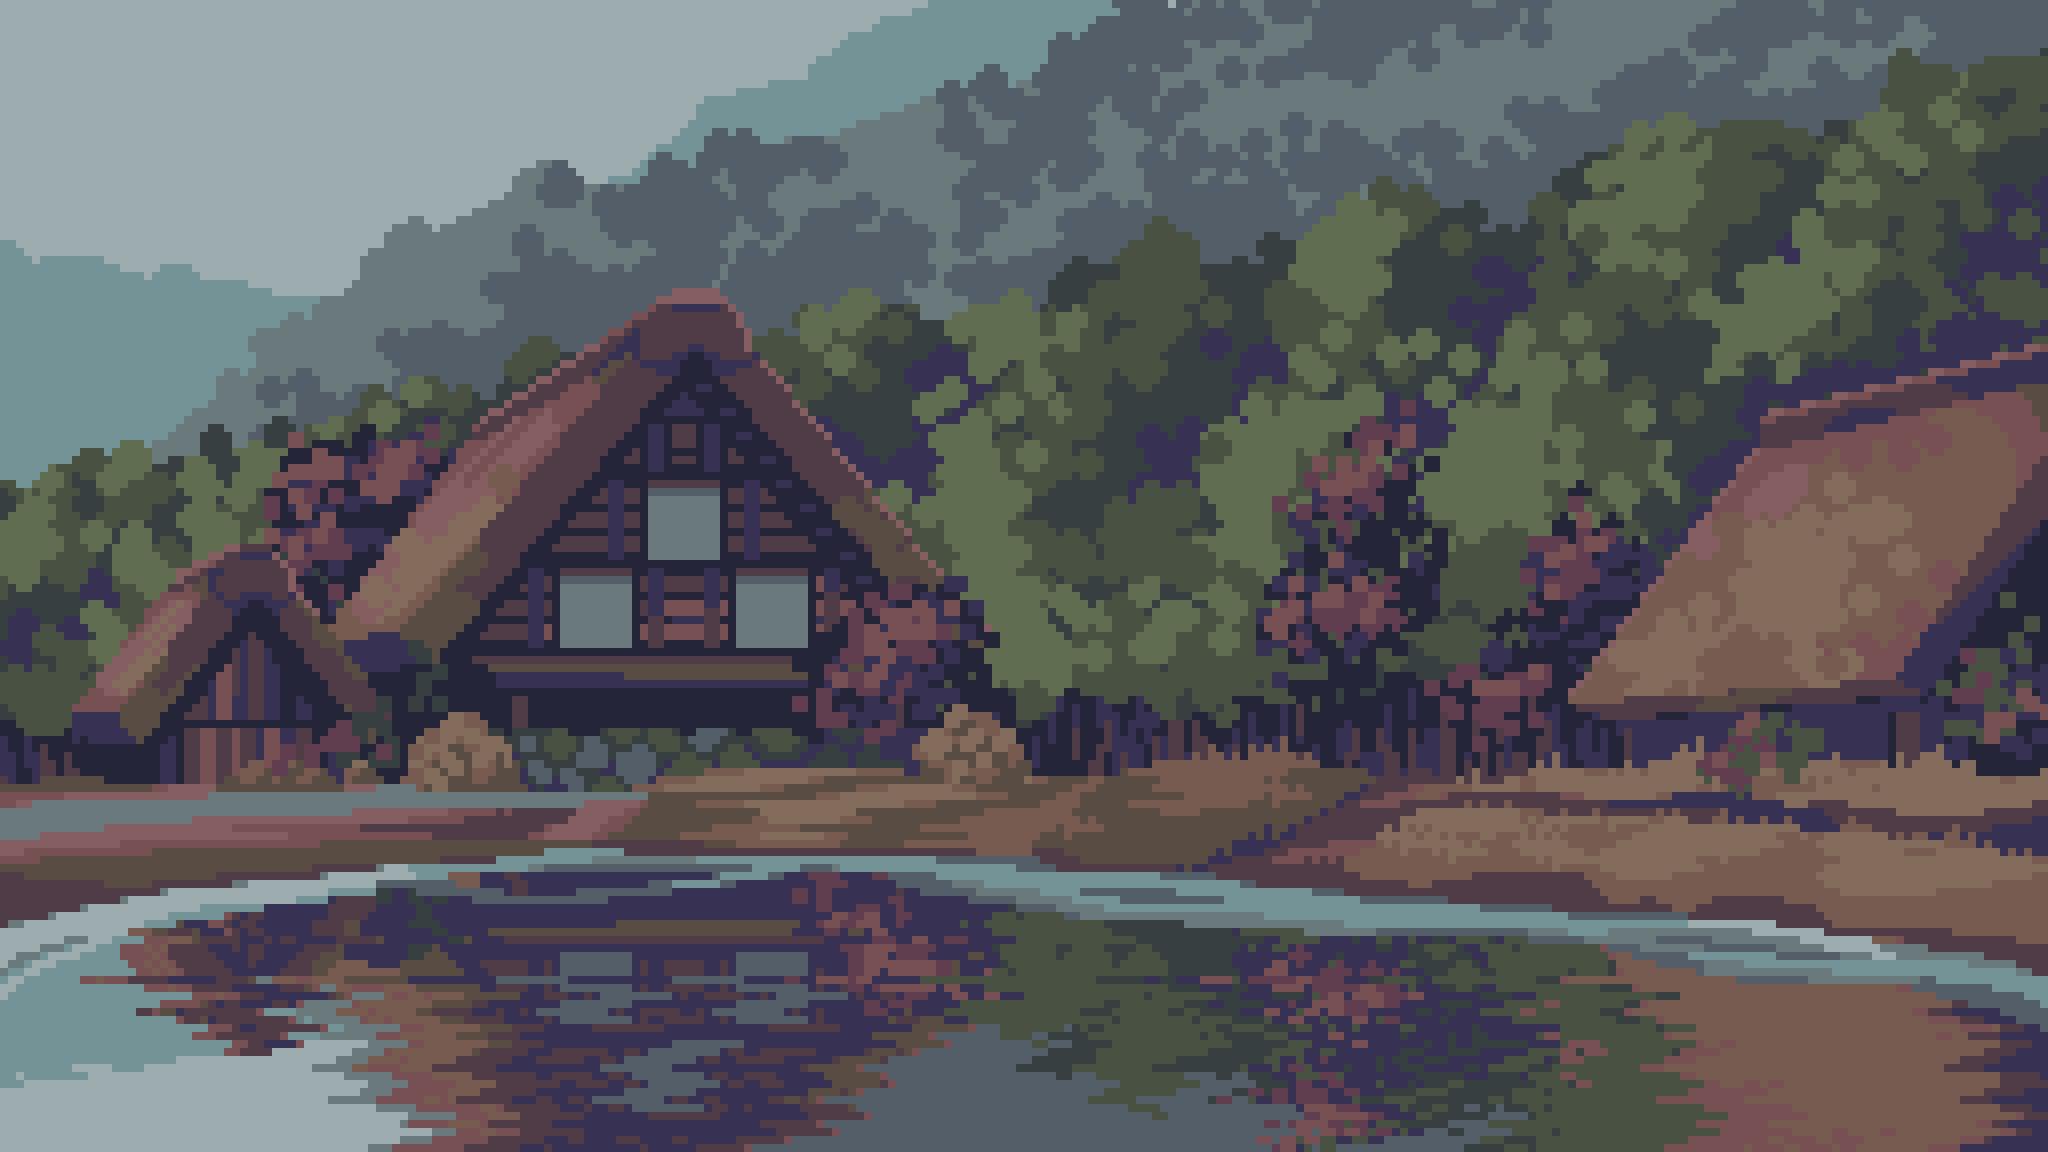 House in the forest pixelart by frosty_rabbid / Wildan R²